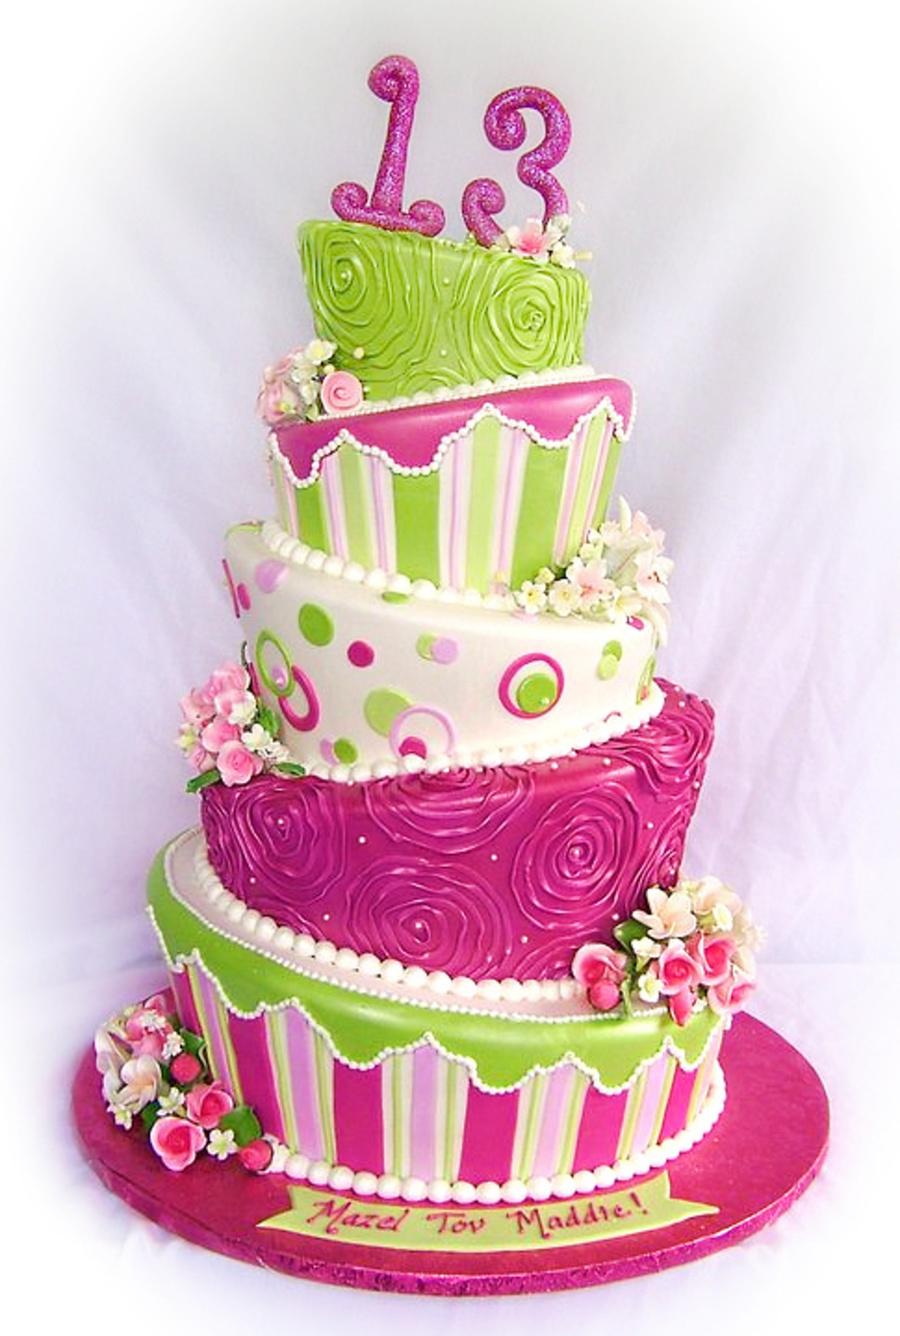 Topsy Turvy Cake Servings